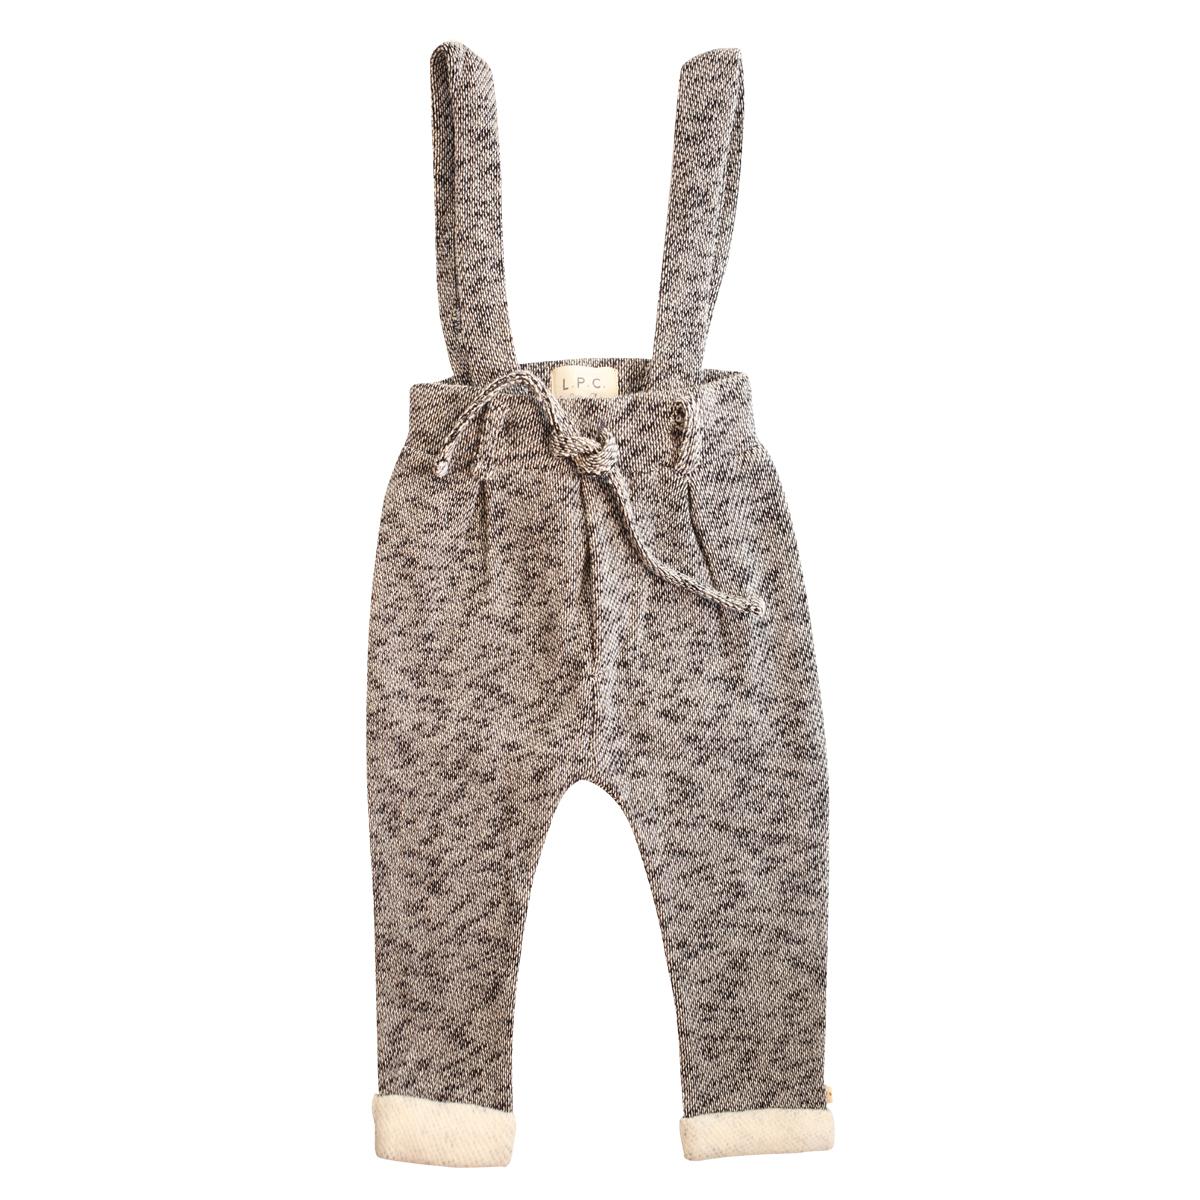 Bas bébé Pantalon avec Bretelles Suwy Gris Chiné - 18 Mois Pantalon avec Bretelles Suwy Gris Chiné - 18 Mois